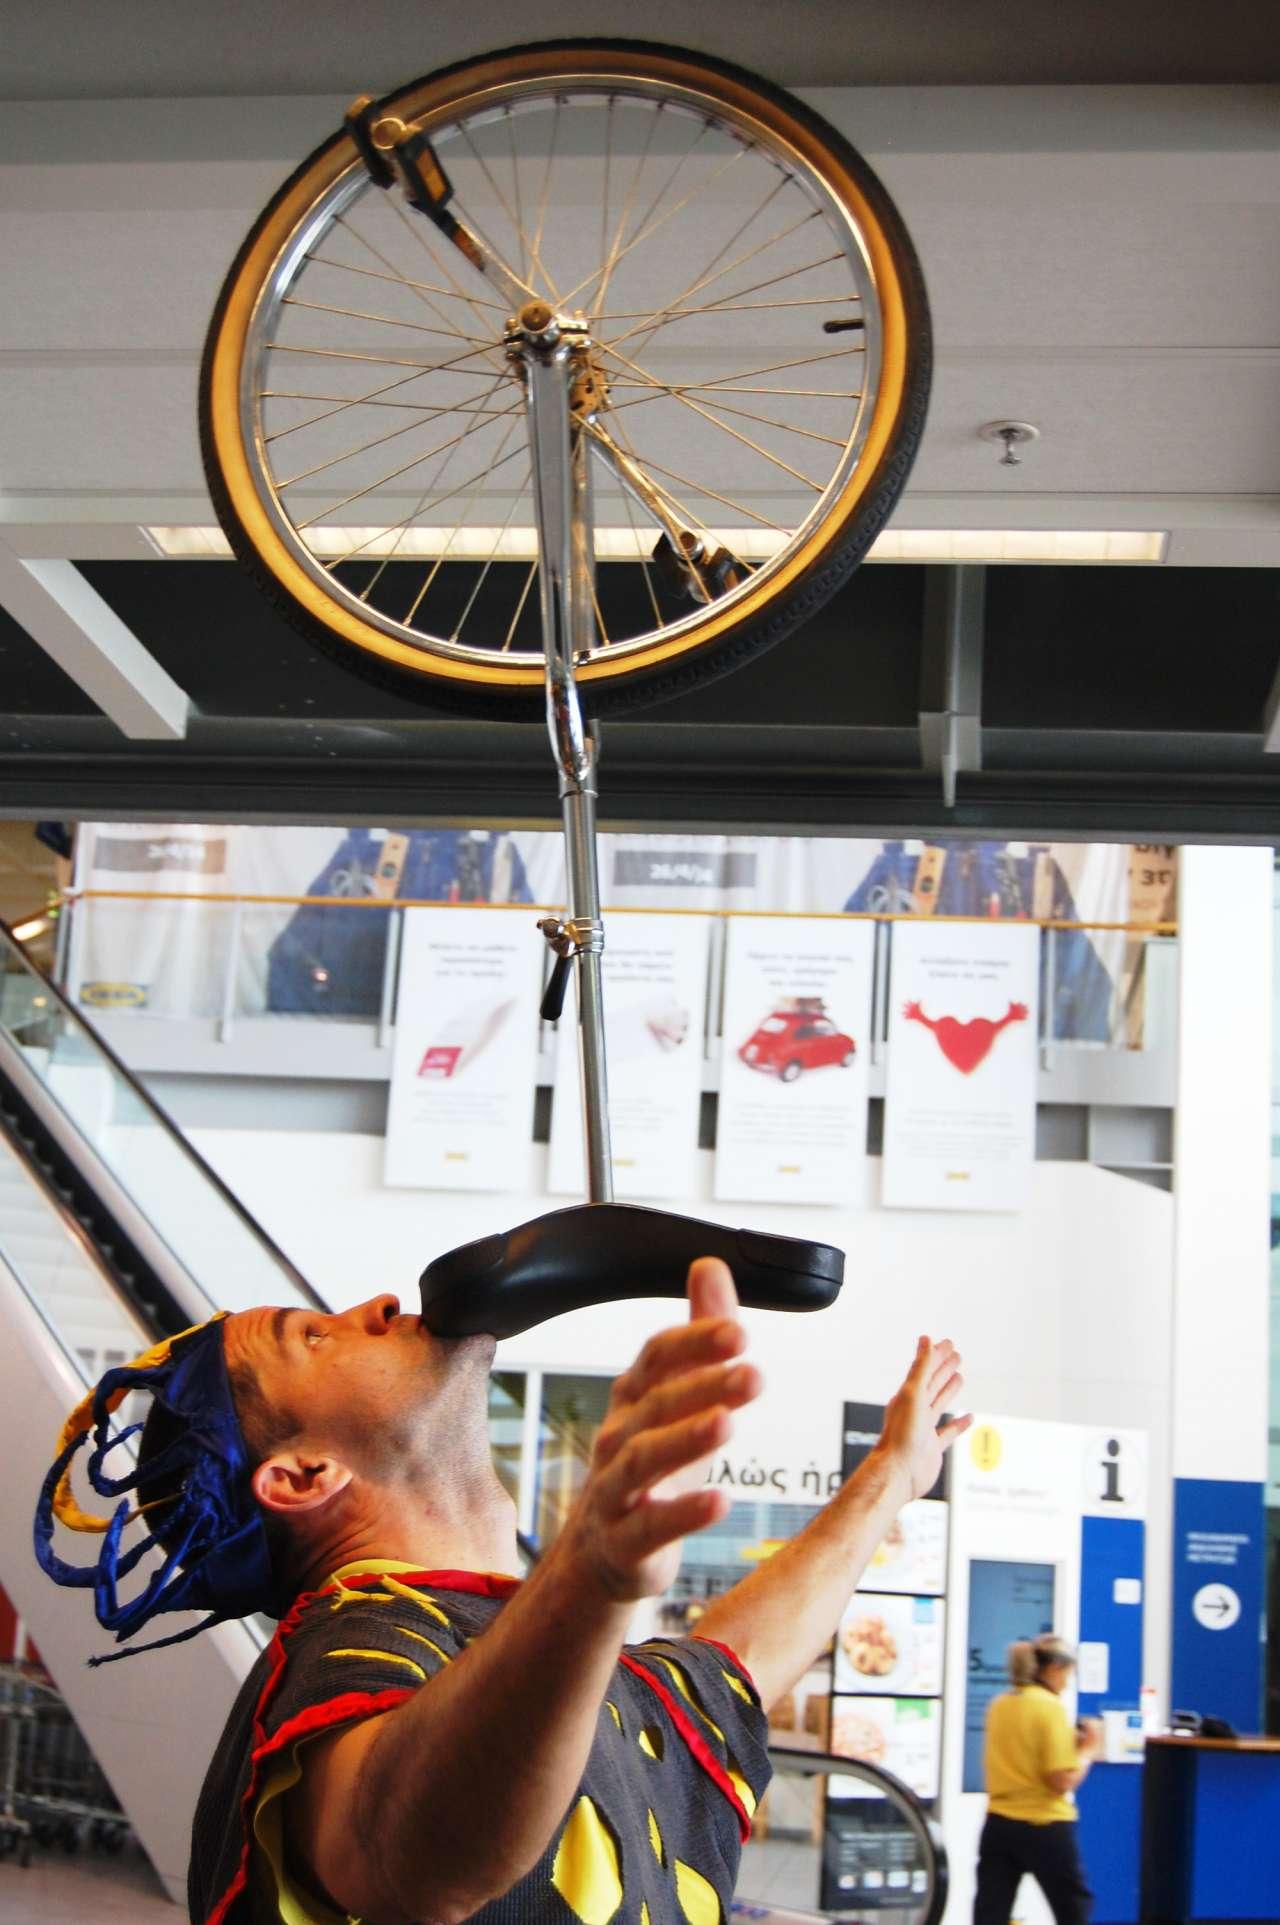 Ζογκλέρ ισορροπεί μονοποδήλατο στο σαγόνι του σε παιδική εκδήλωση